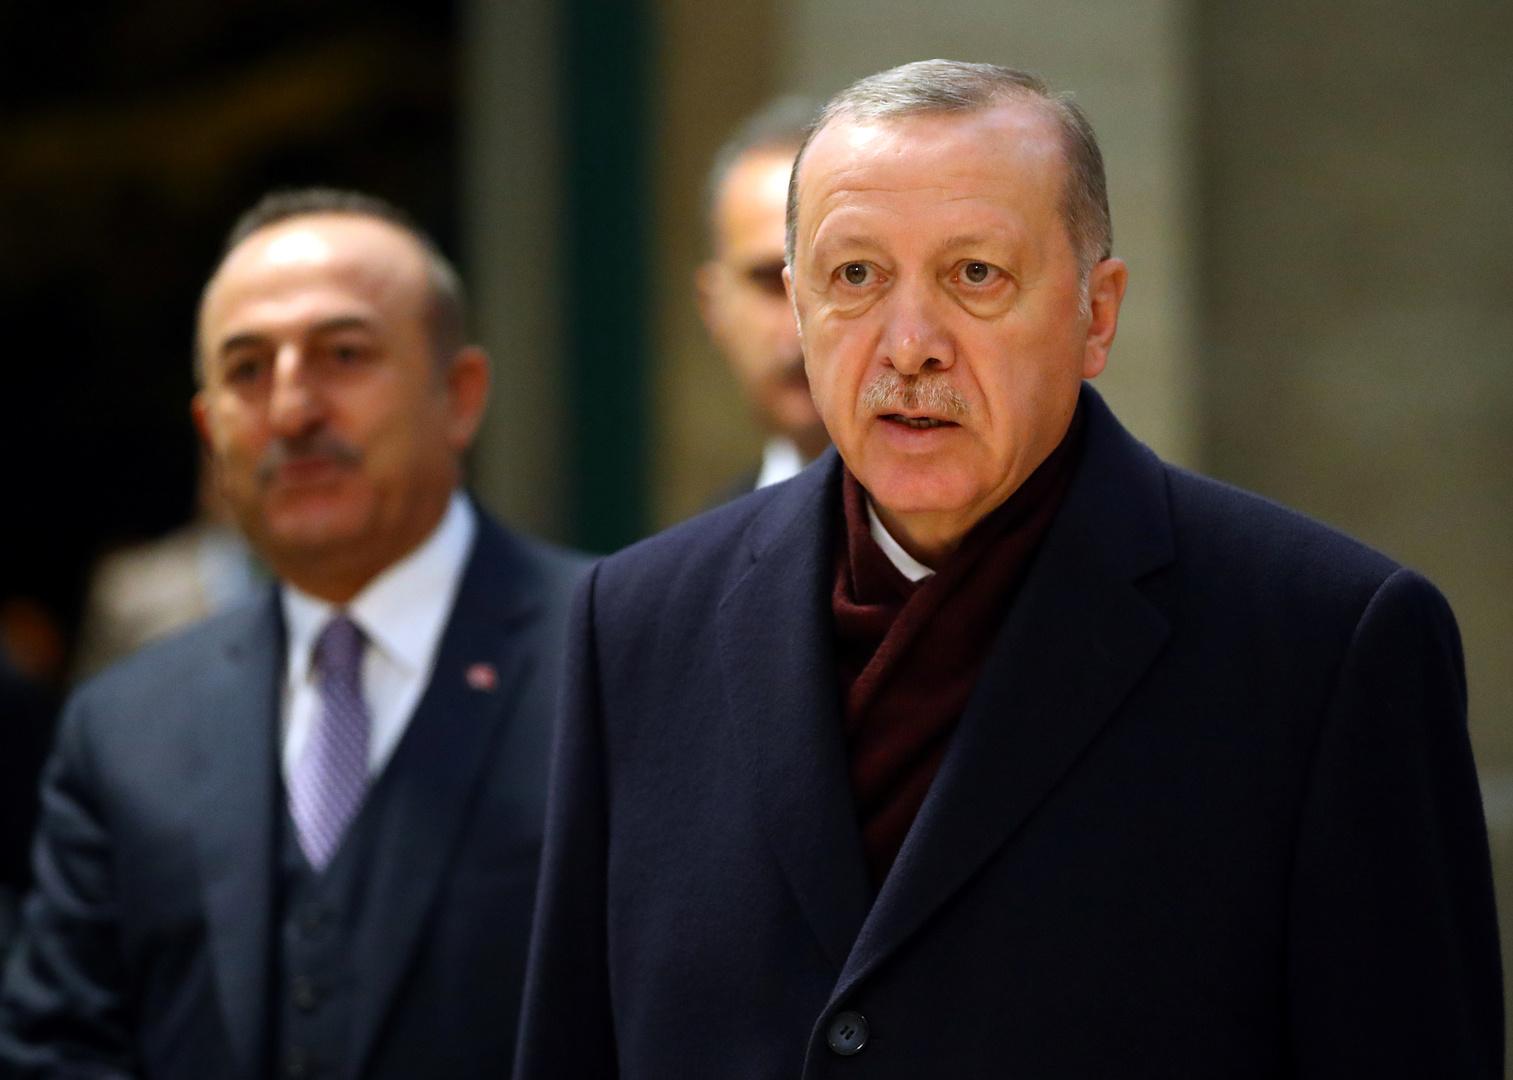 أردوغان: في حال استمرت المرحلة بإيجابية تجاه مبادئنا حول تشغيل مطار كابل فسنبدي تقاربا إيجابيا